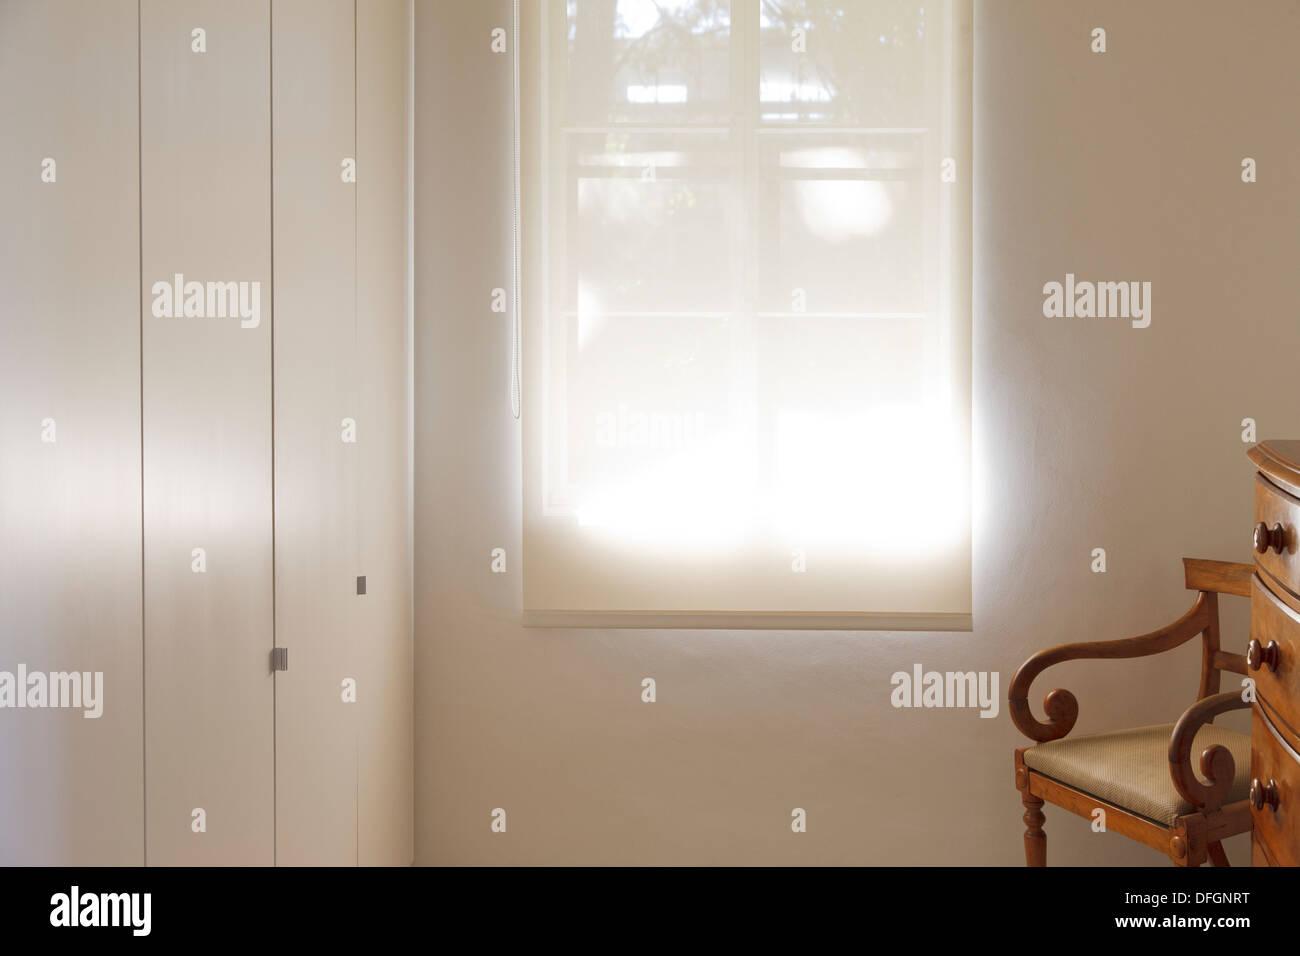 Sombra hacia abajo a través de la ventana Imagen De Stock